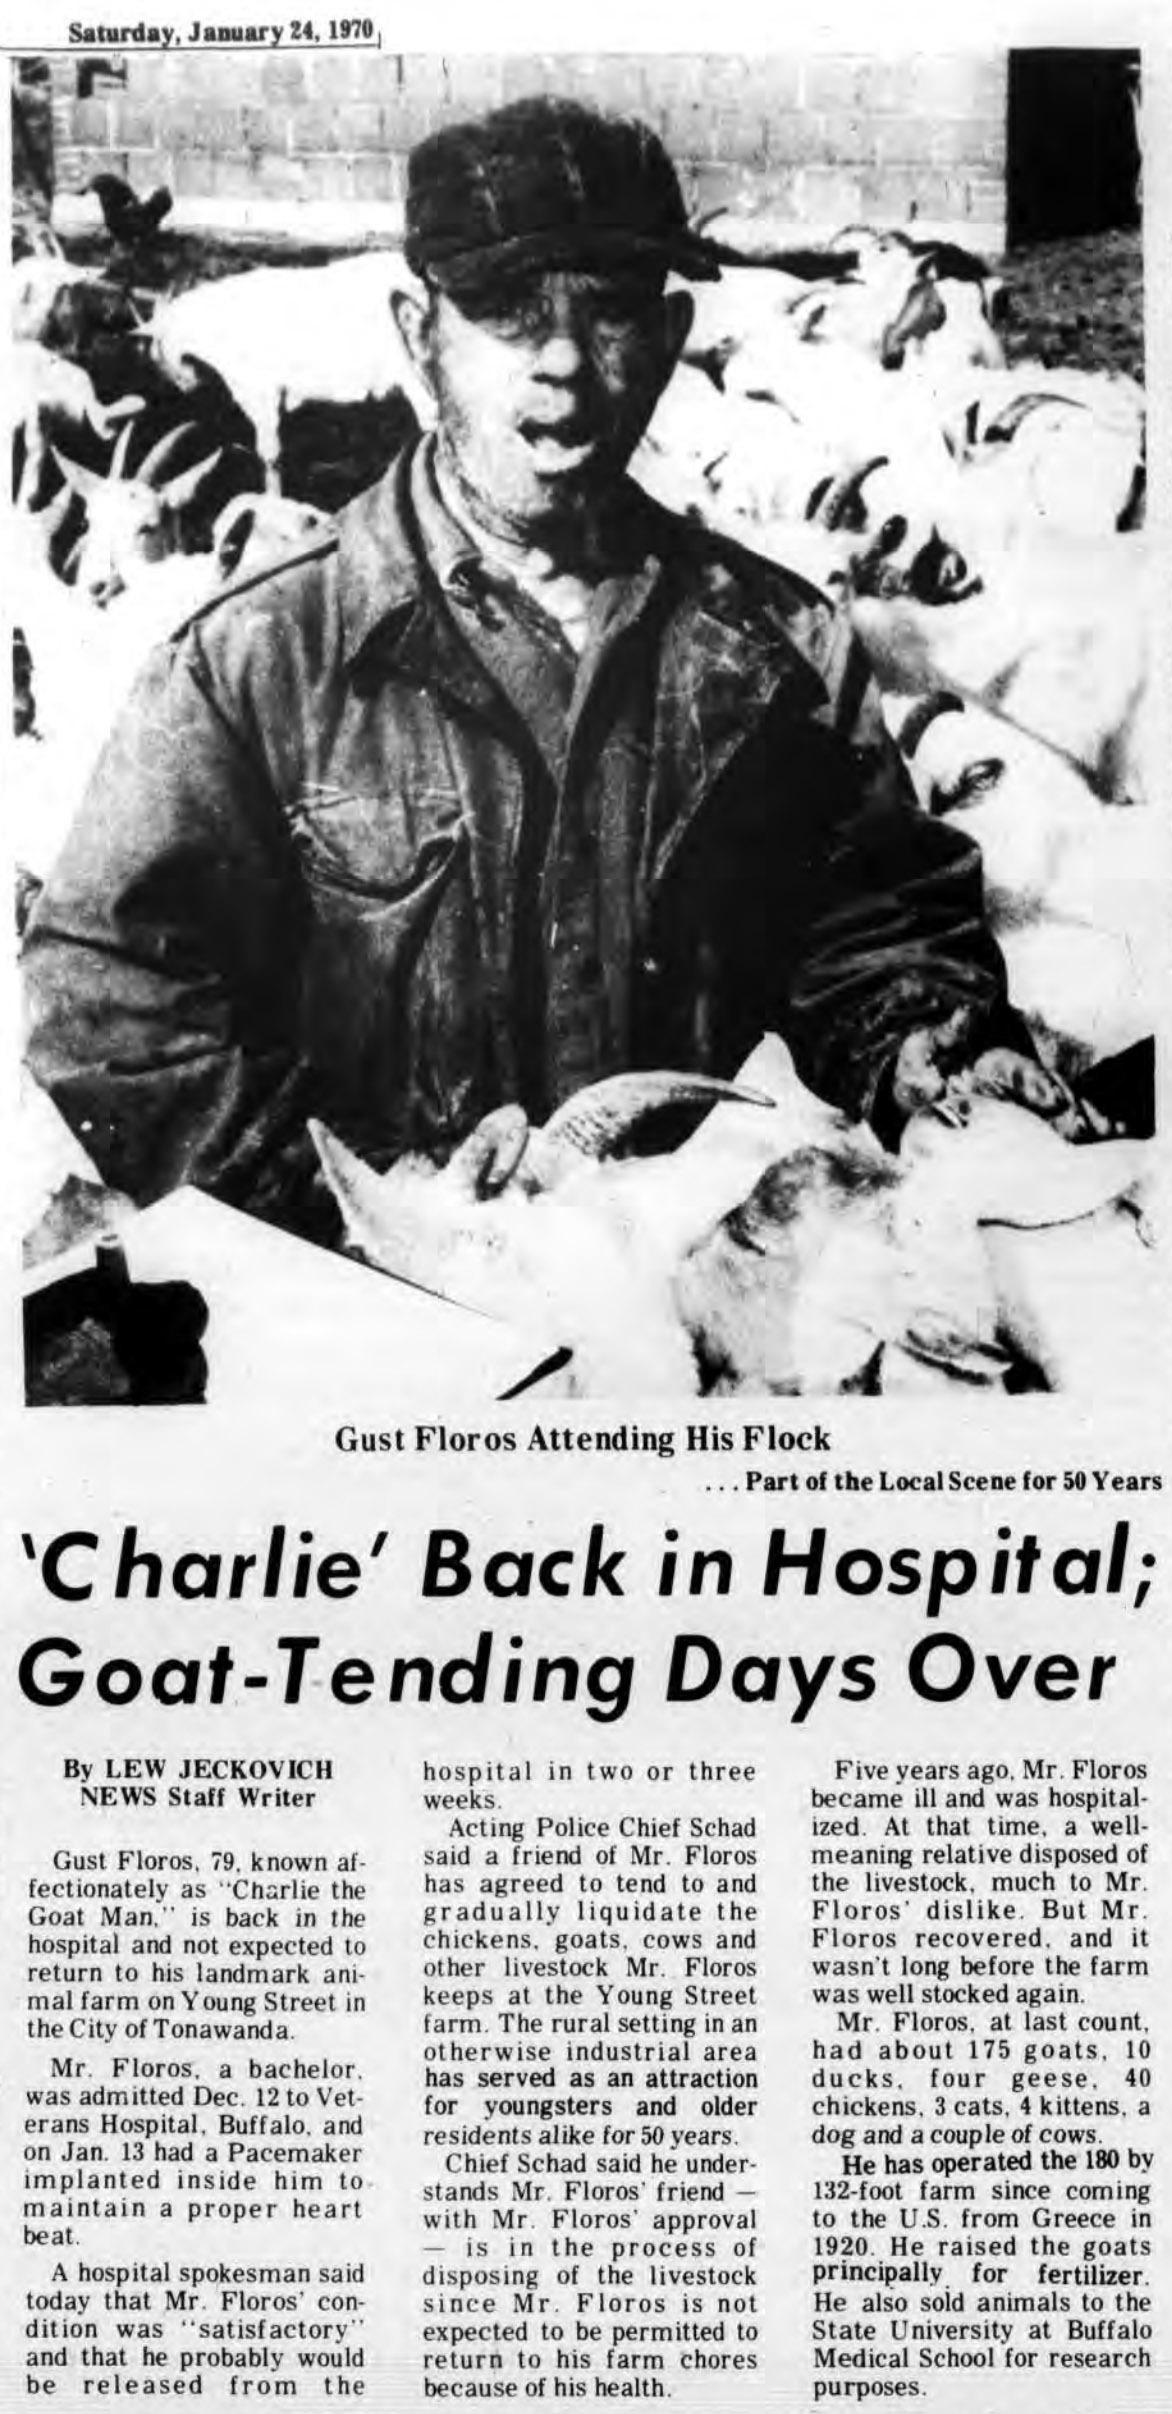 Charlie Back in Hospital, Goat-Tending Days Over, article (Tonawanda News, 1970-01-24).jpg